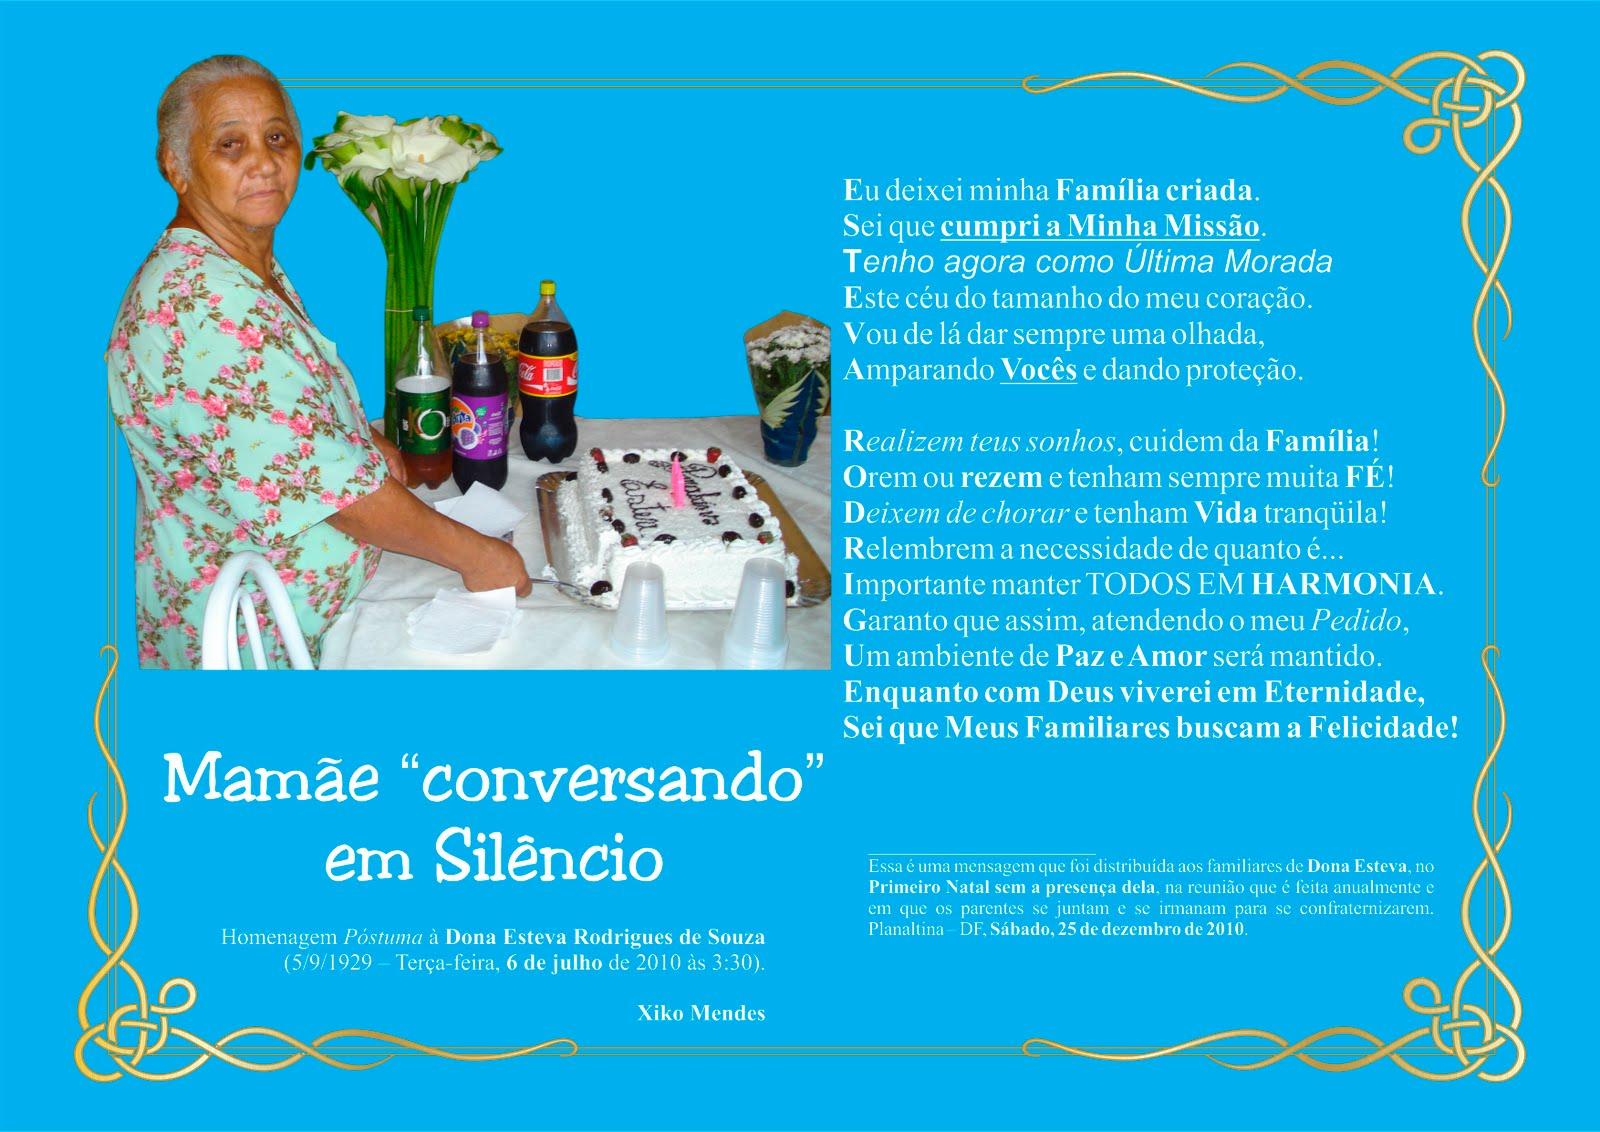 ESTEVA RODRIGUES DE SOUZA (1929-2010).